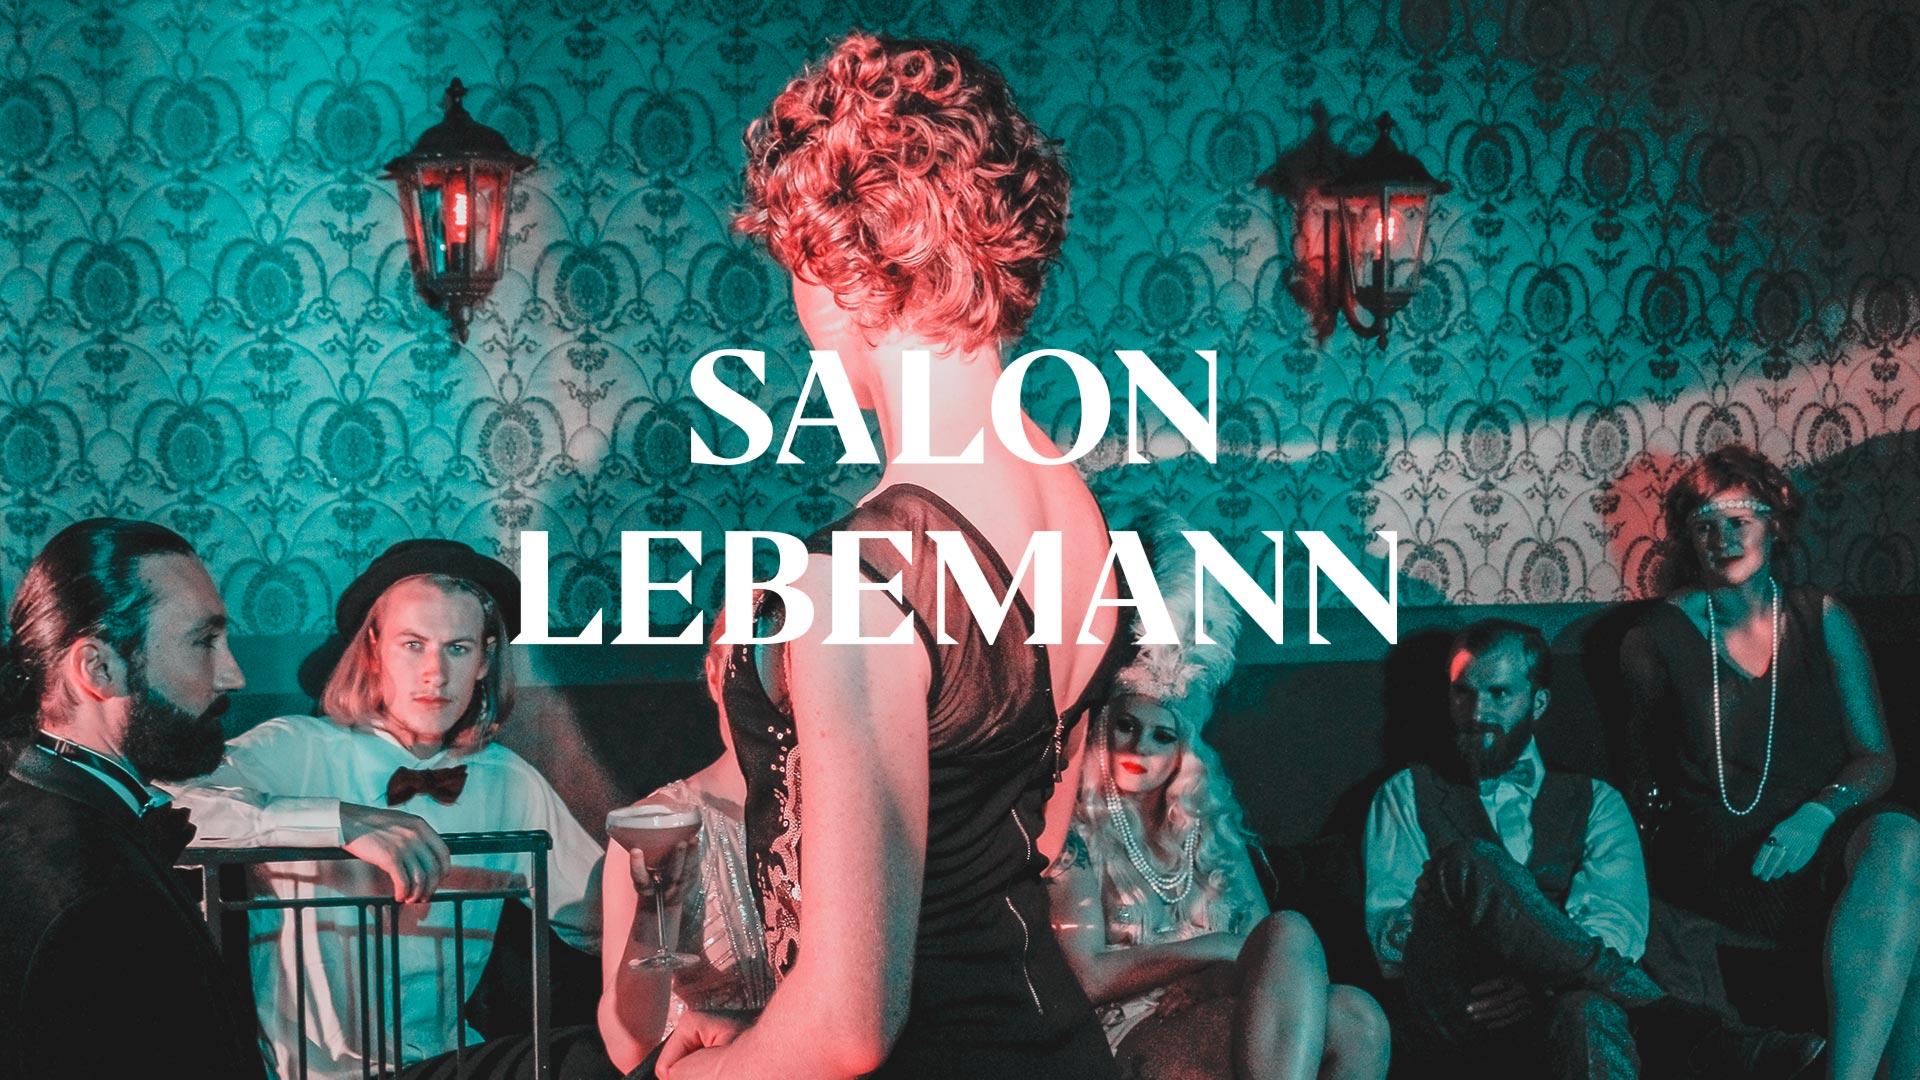 salon-lebemann-03-16zu9